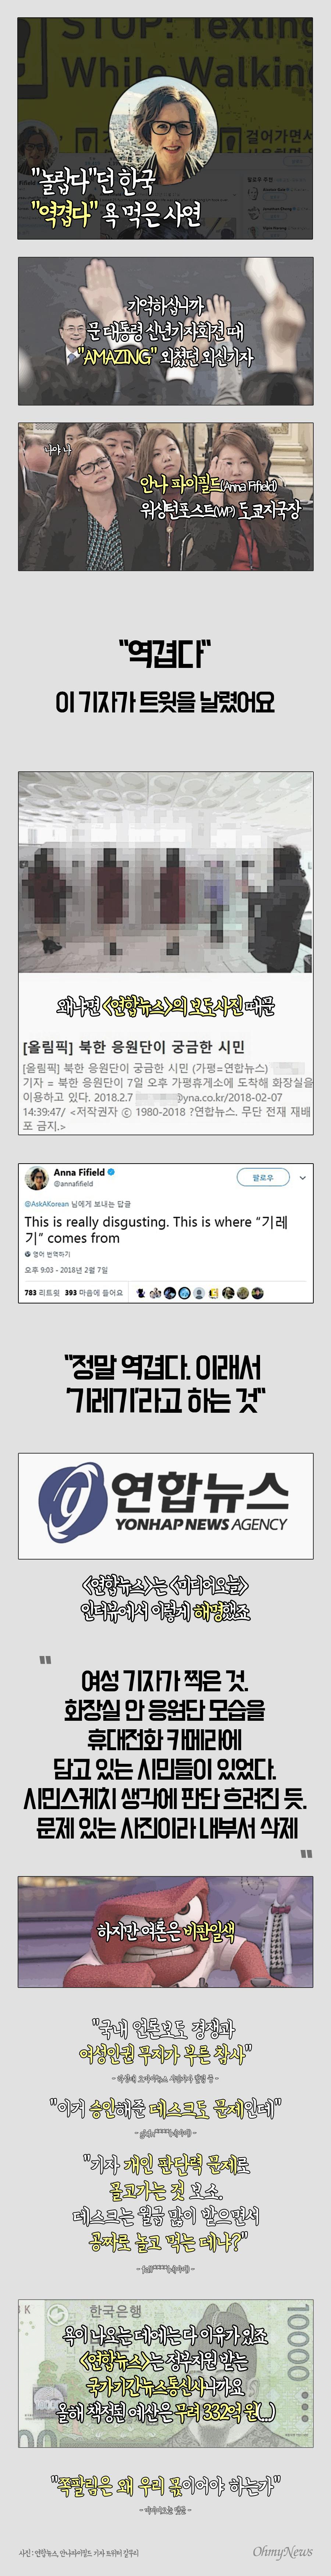 """""""놀랍다""""라던 한국, """"역겹다""""라고 욕먹은 사연 안나 파이필드 <워싱턴포스트> 도쿄지국장의 일침, 한국언론 바뀌어야 합니다(ㅠㅠ)"""